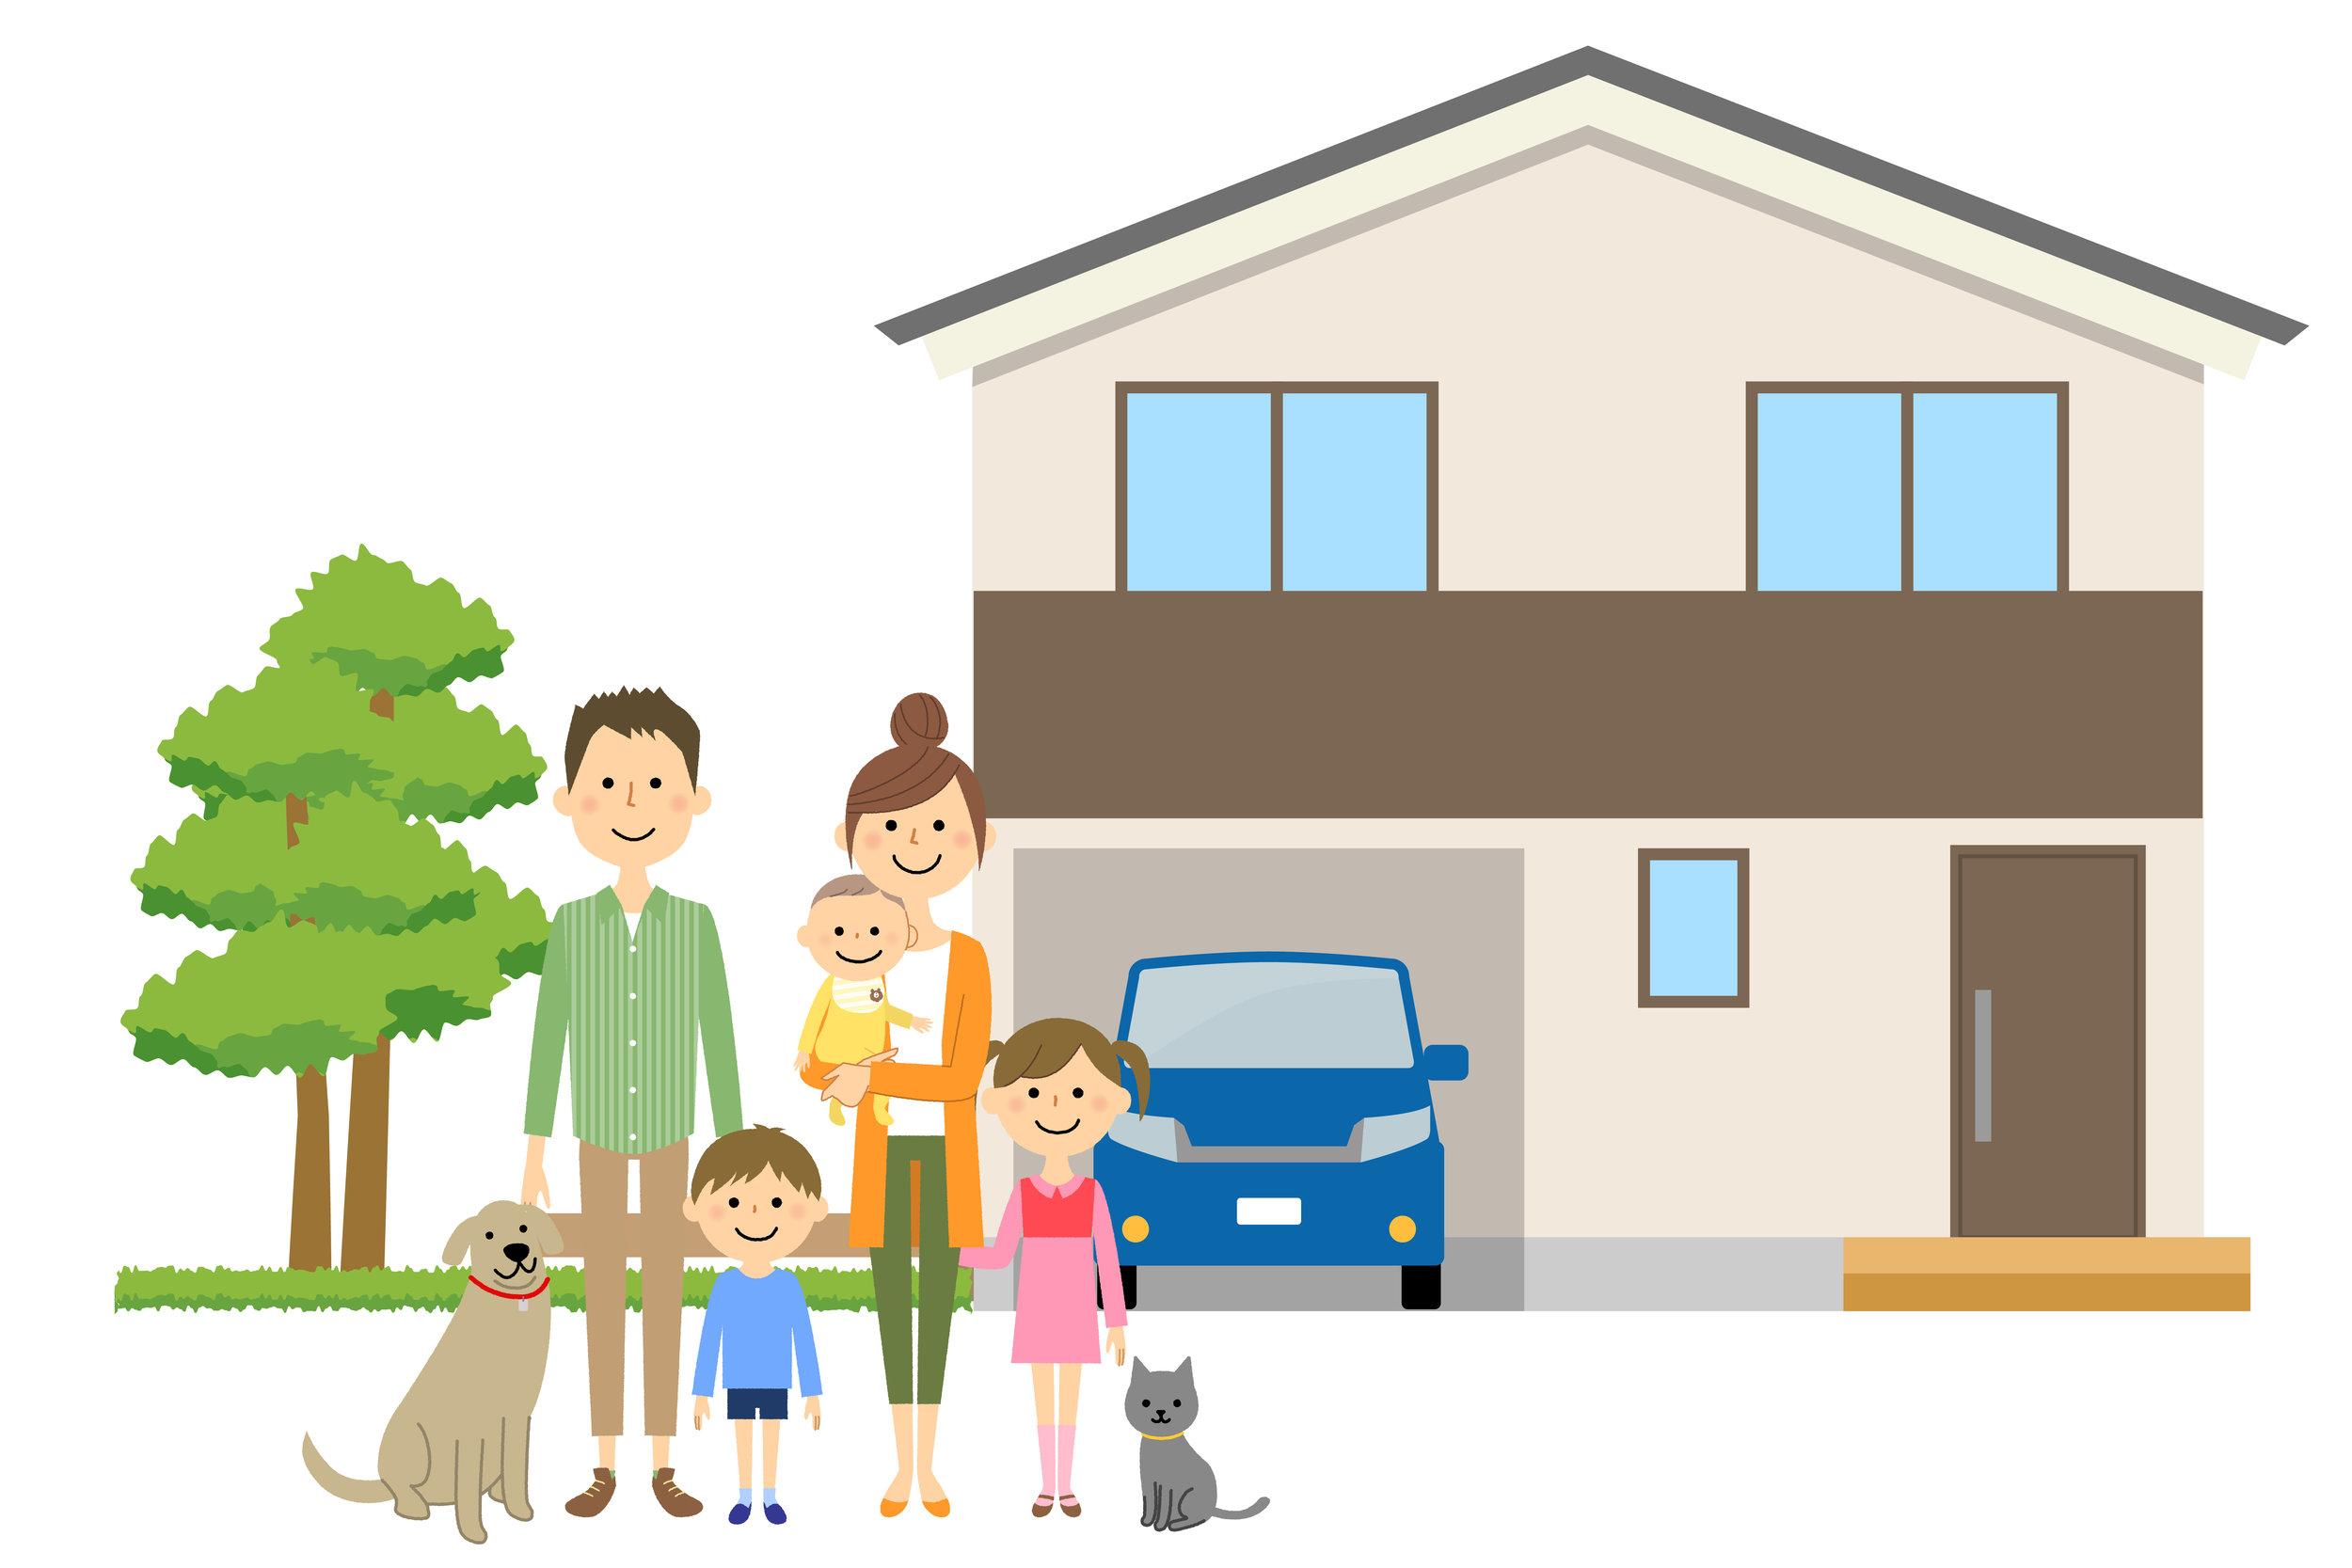 family in front of house - shutterstock_654267025 - original.jpg